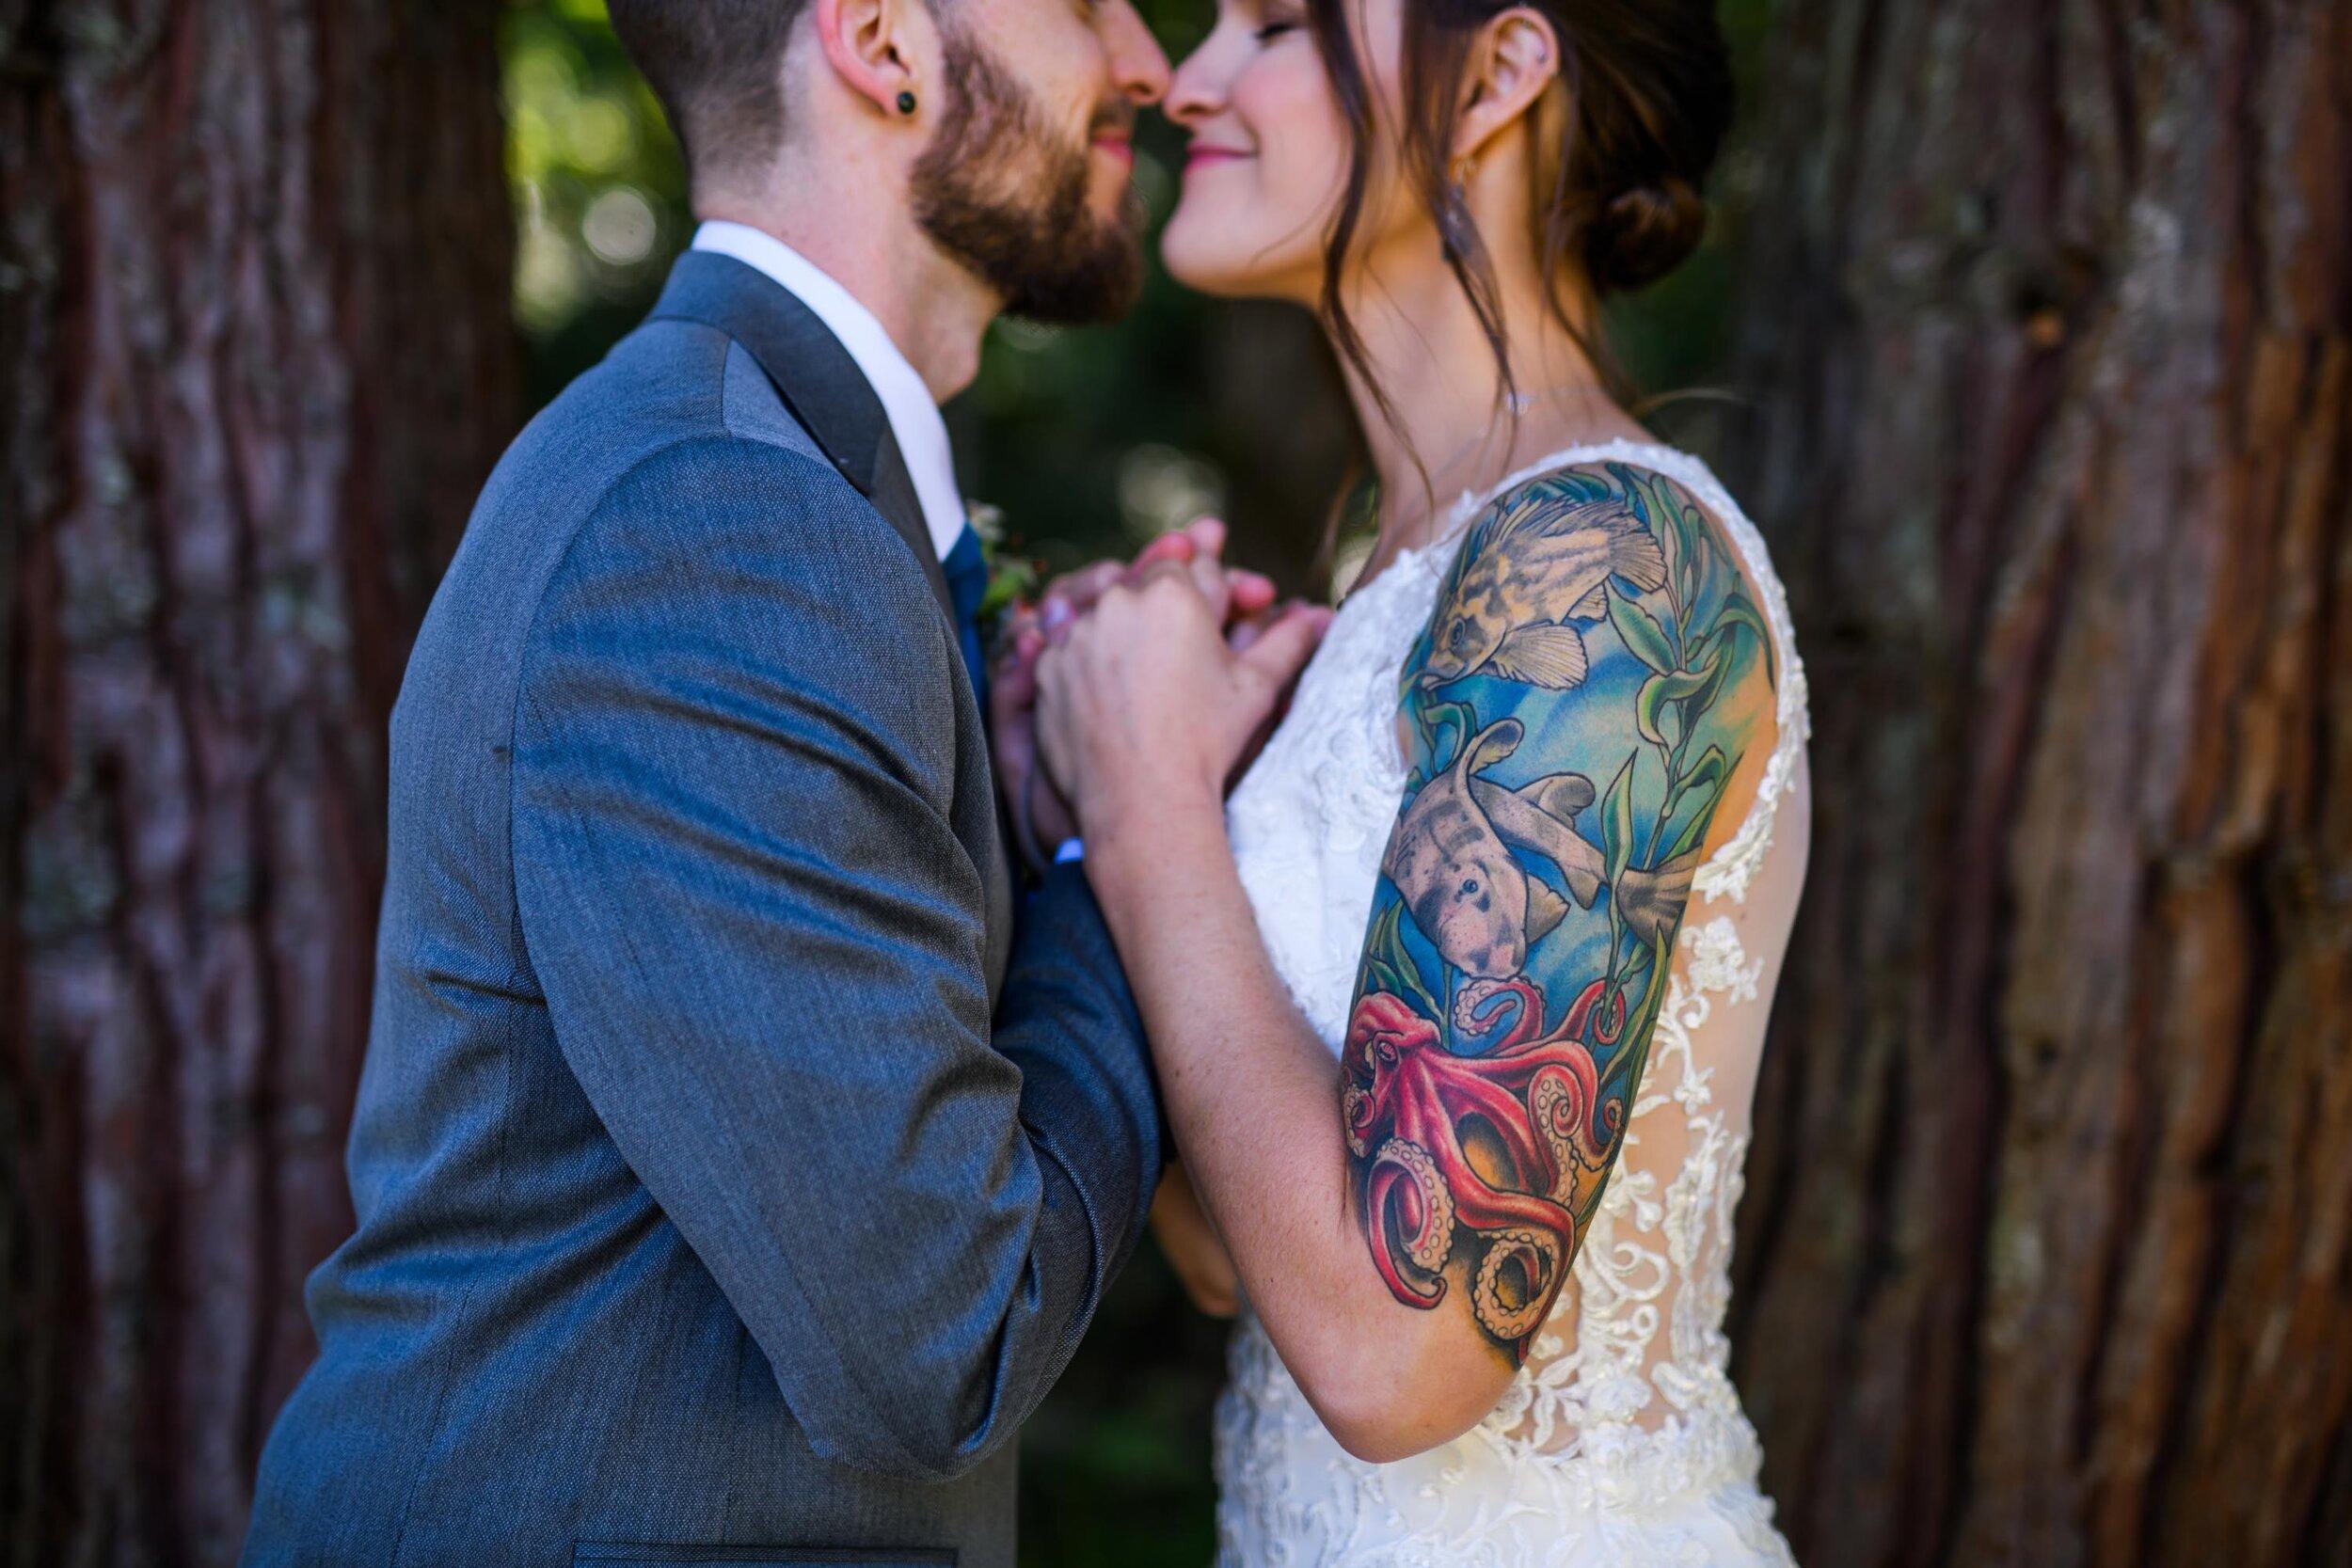 Mt. Pisgah Arboretum wedding photos 42.JPG